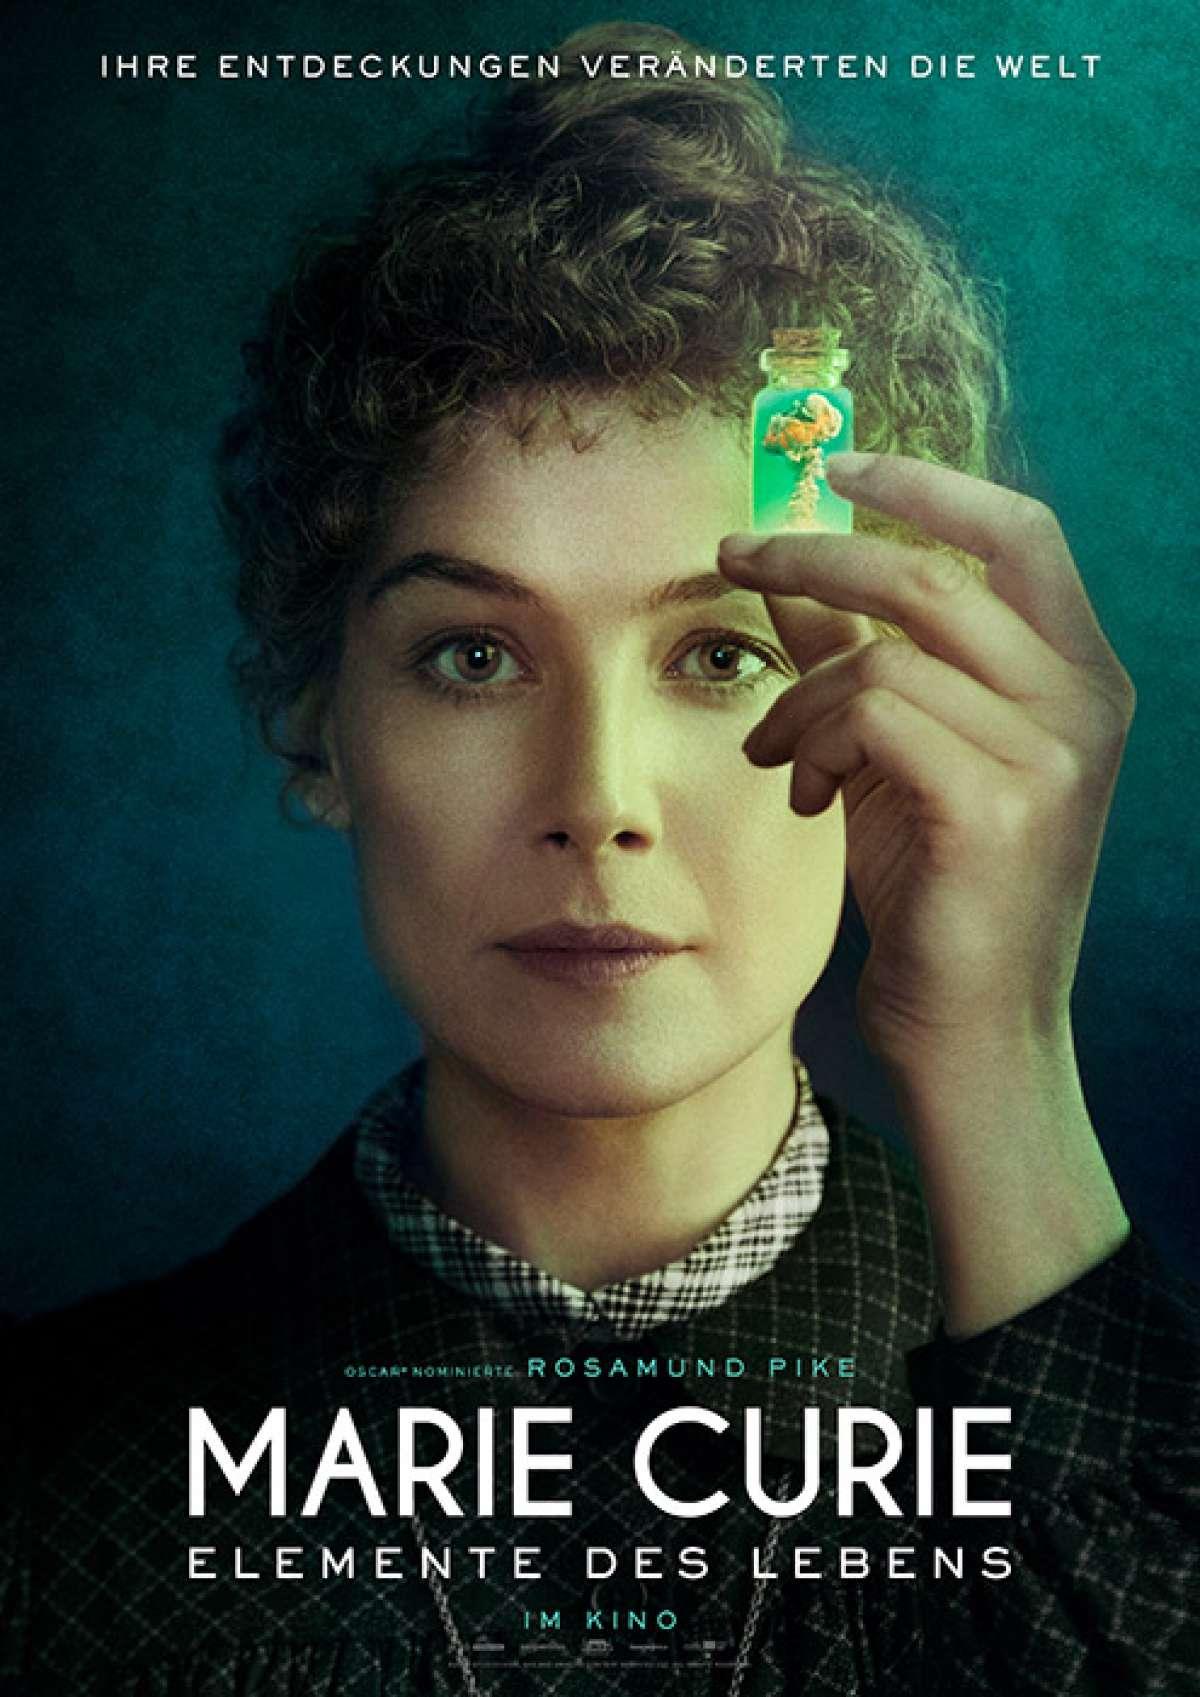 Marie Curie - Elemente des Lebens - Capitol-Center - Marburg